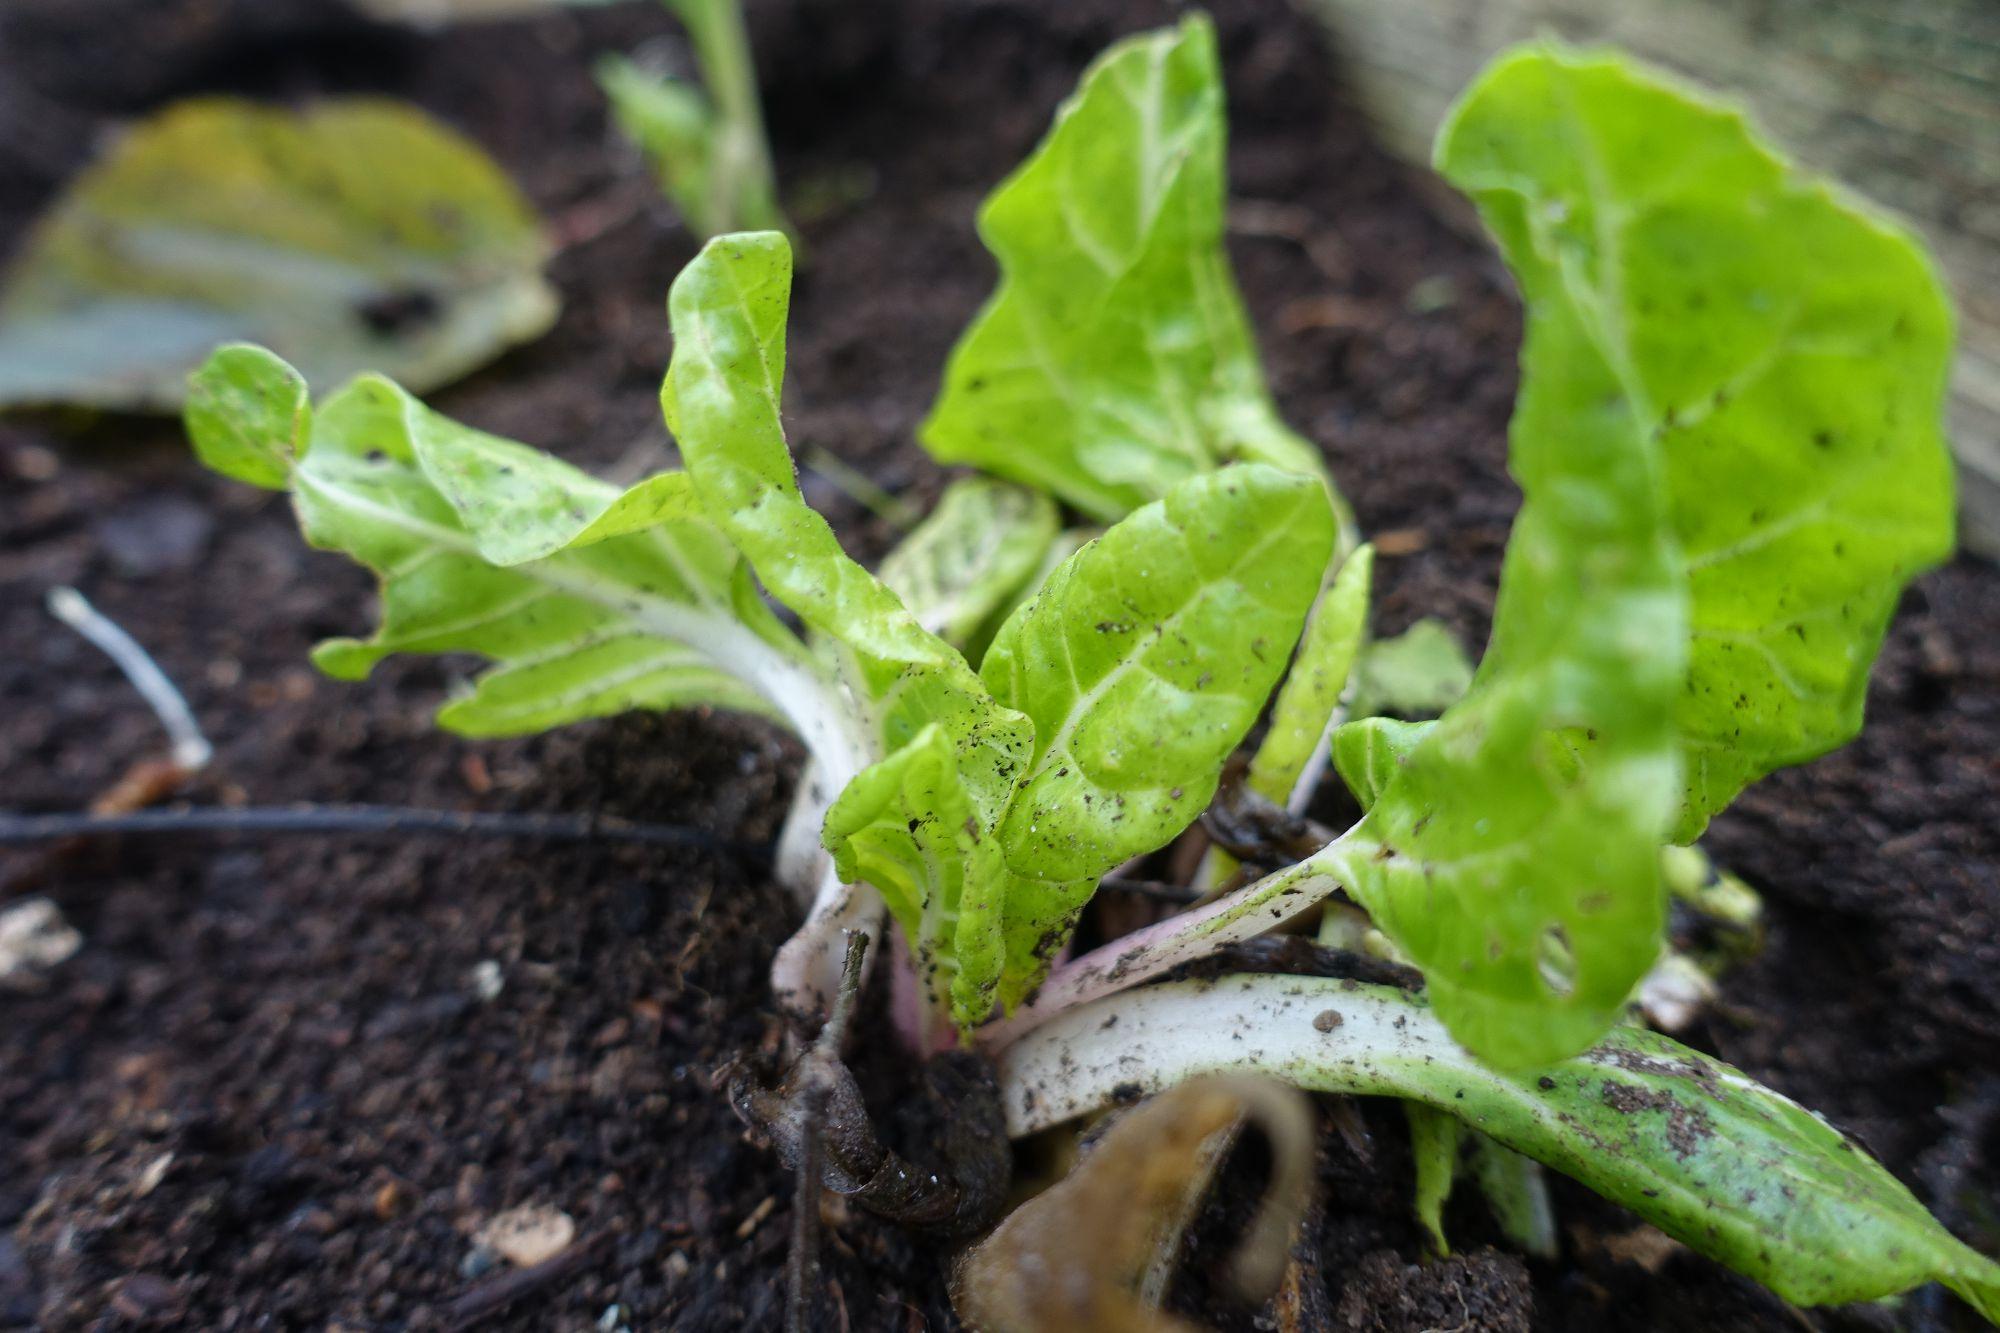 Närbild på späd planta mangold.